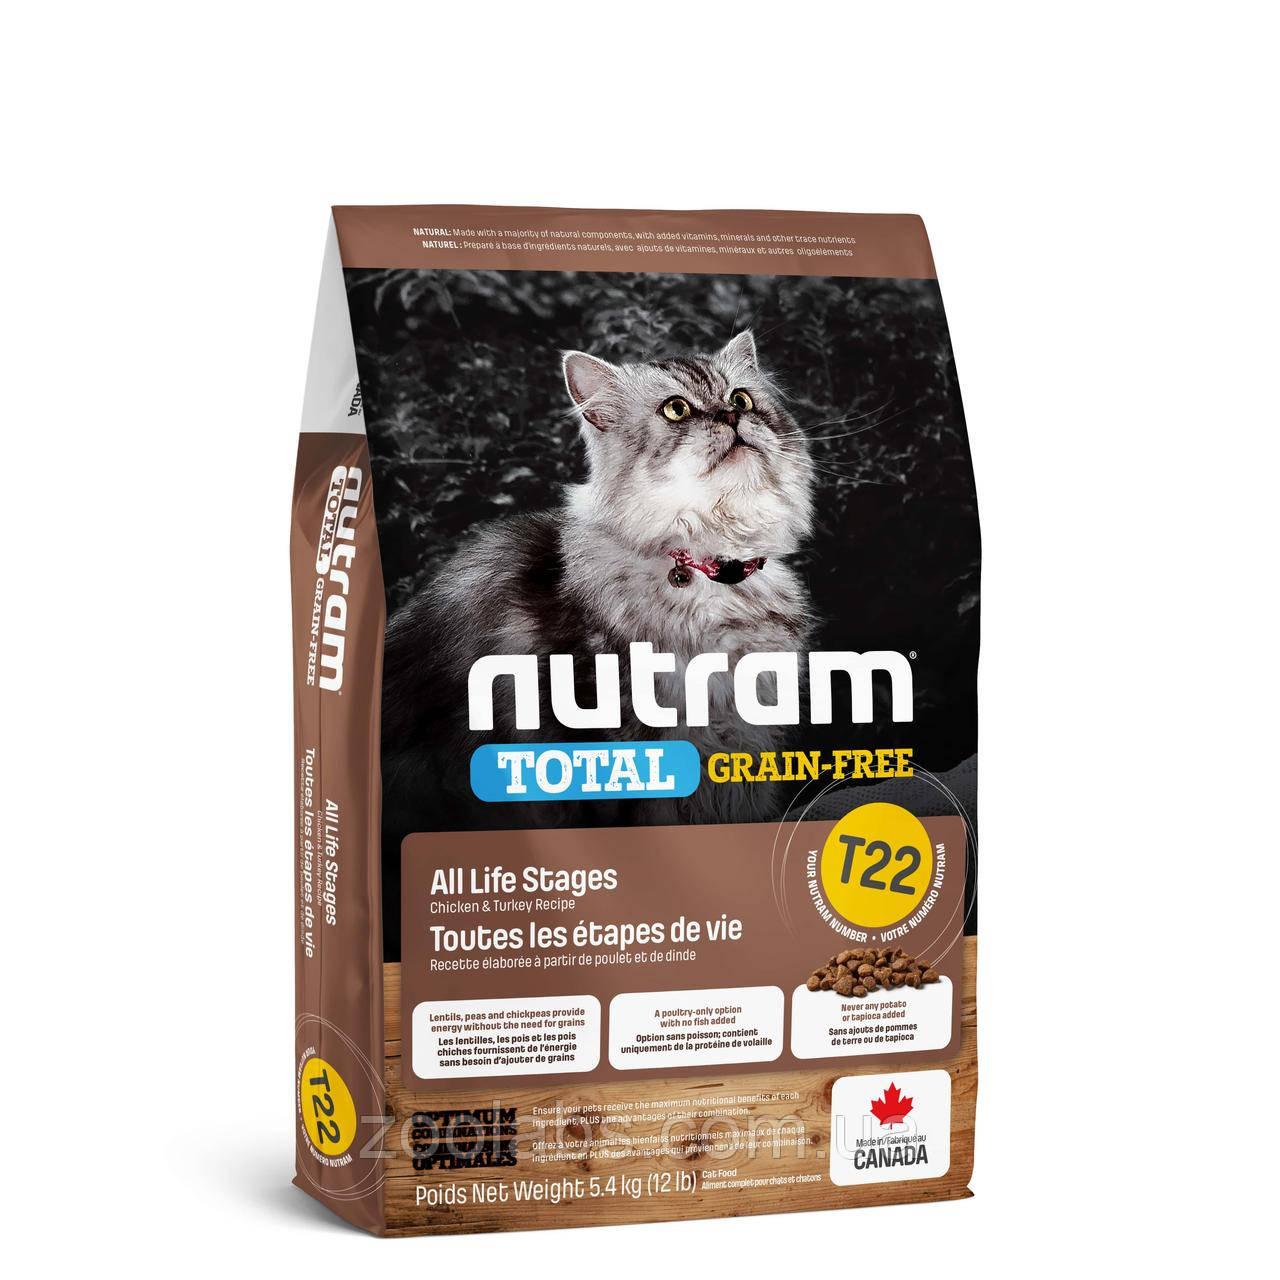 Корм Nutram для кошек   Nutram T22 Total Grain Free Turkey & Chiken Cat Food 340 грамм